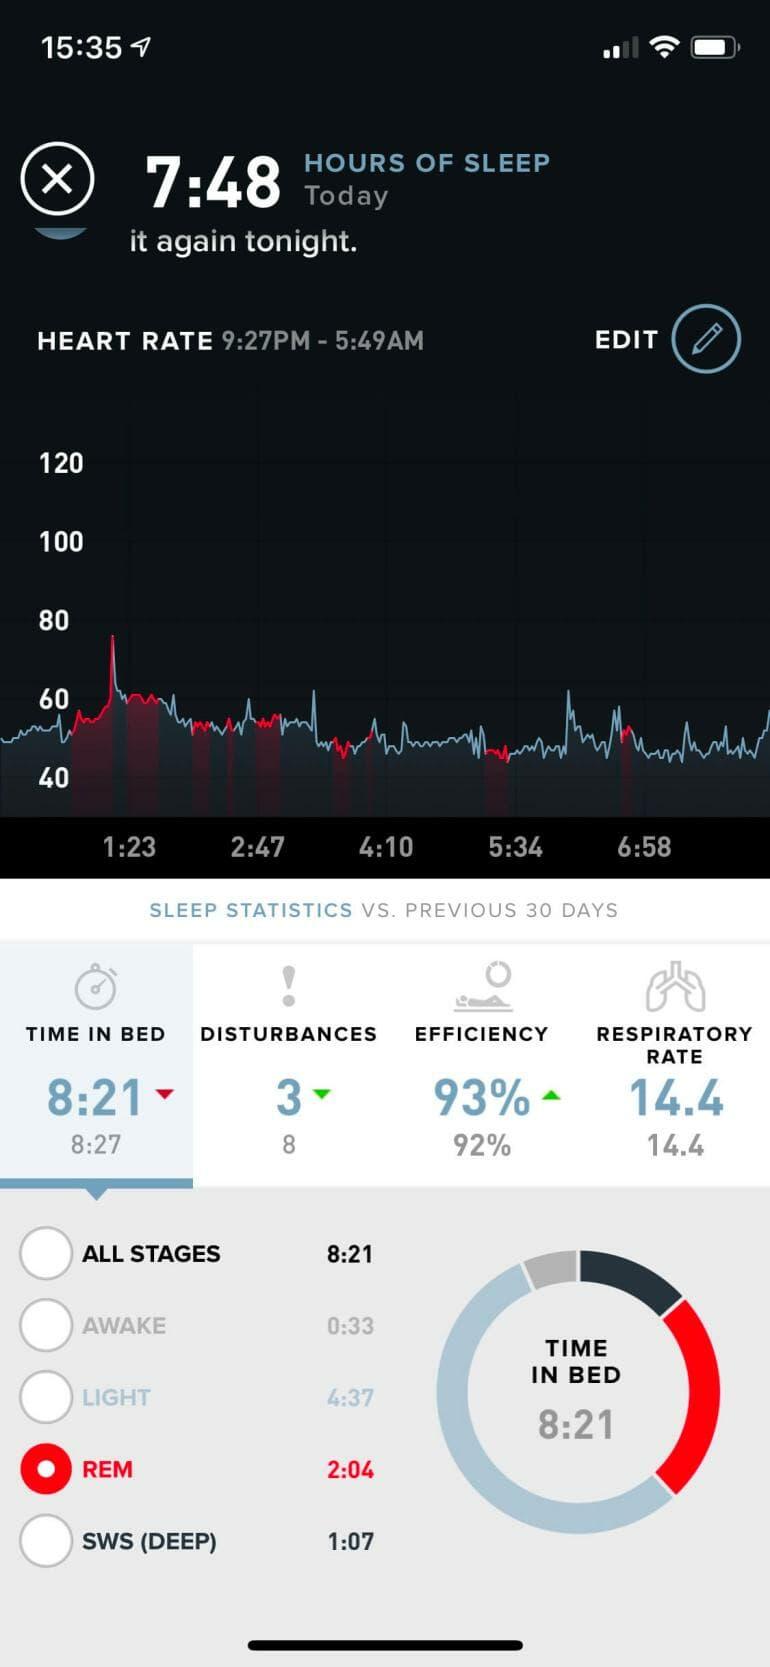 WHOOP - REM sleep analysis